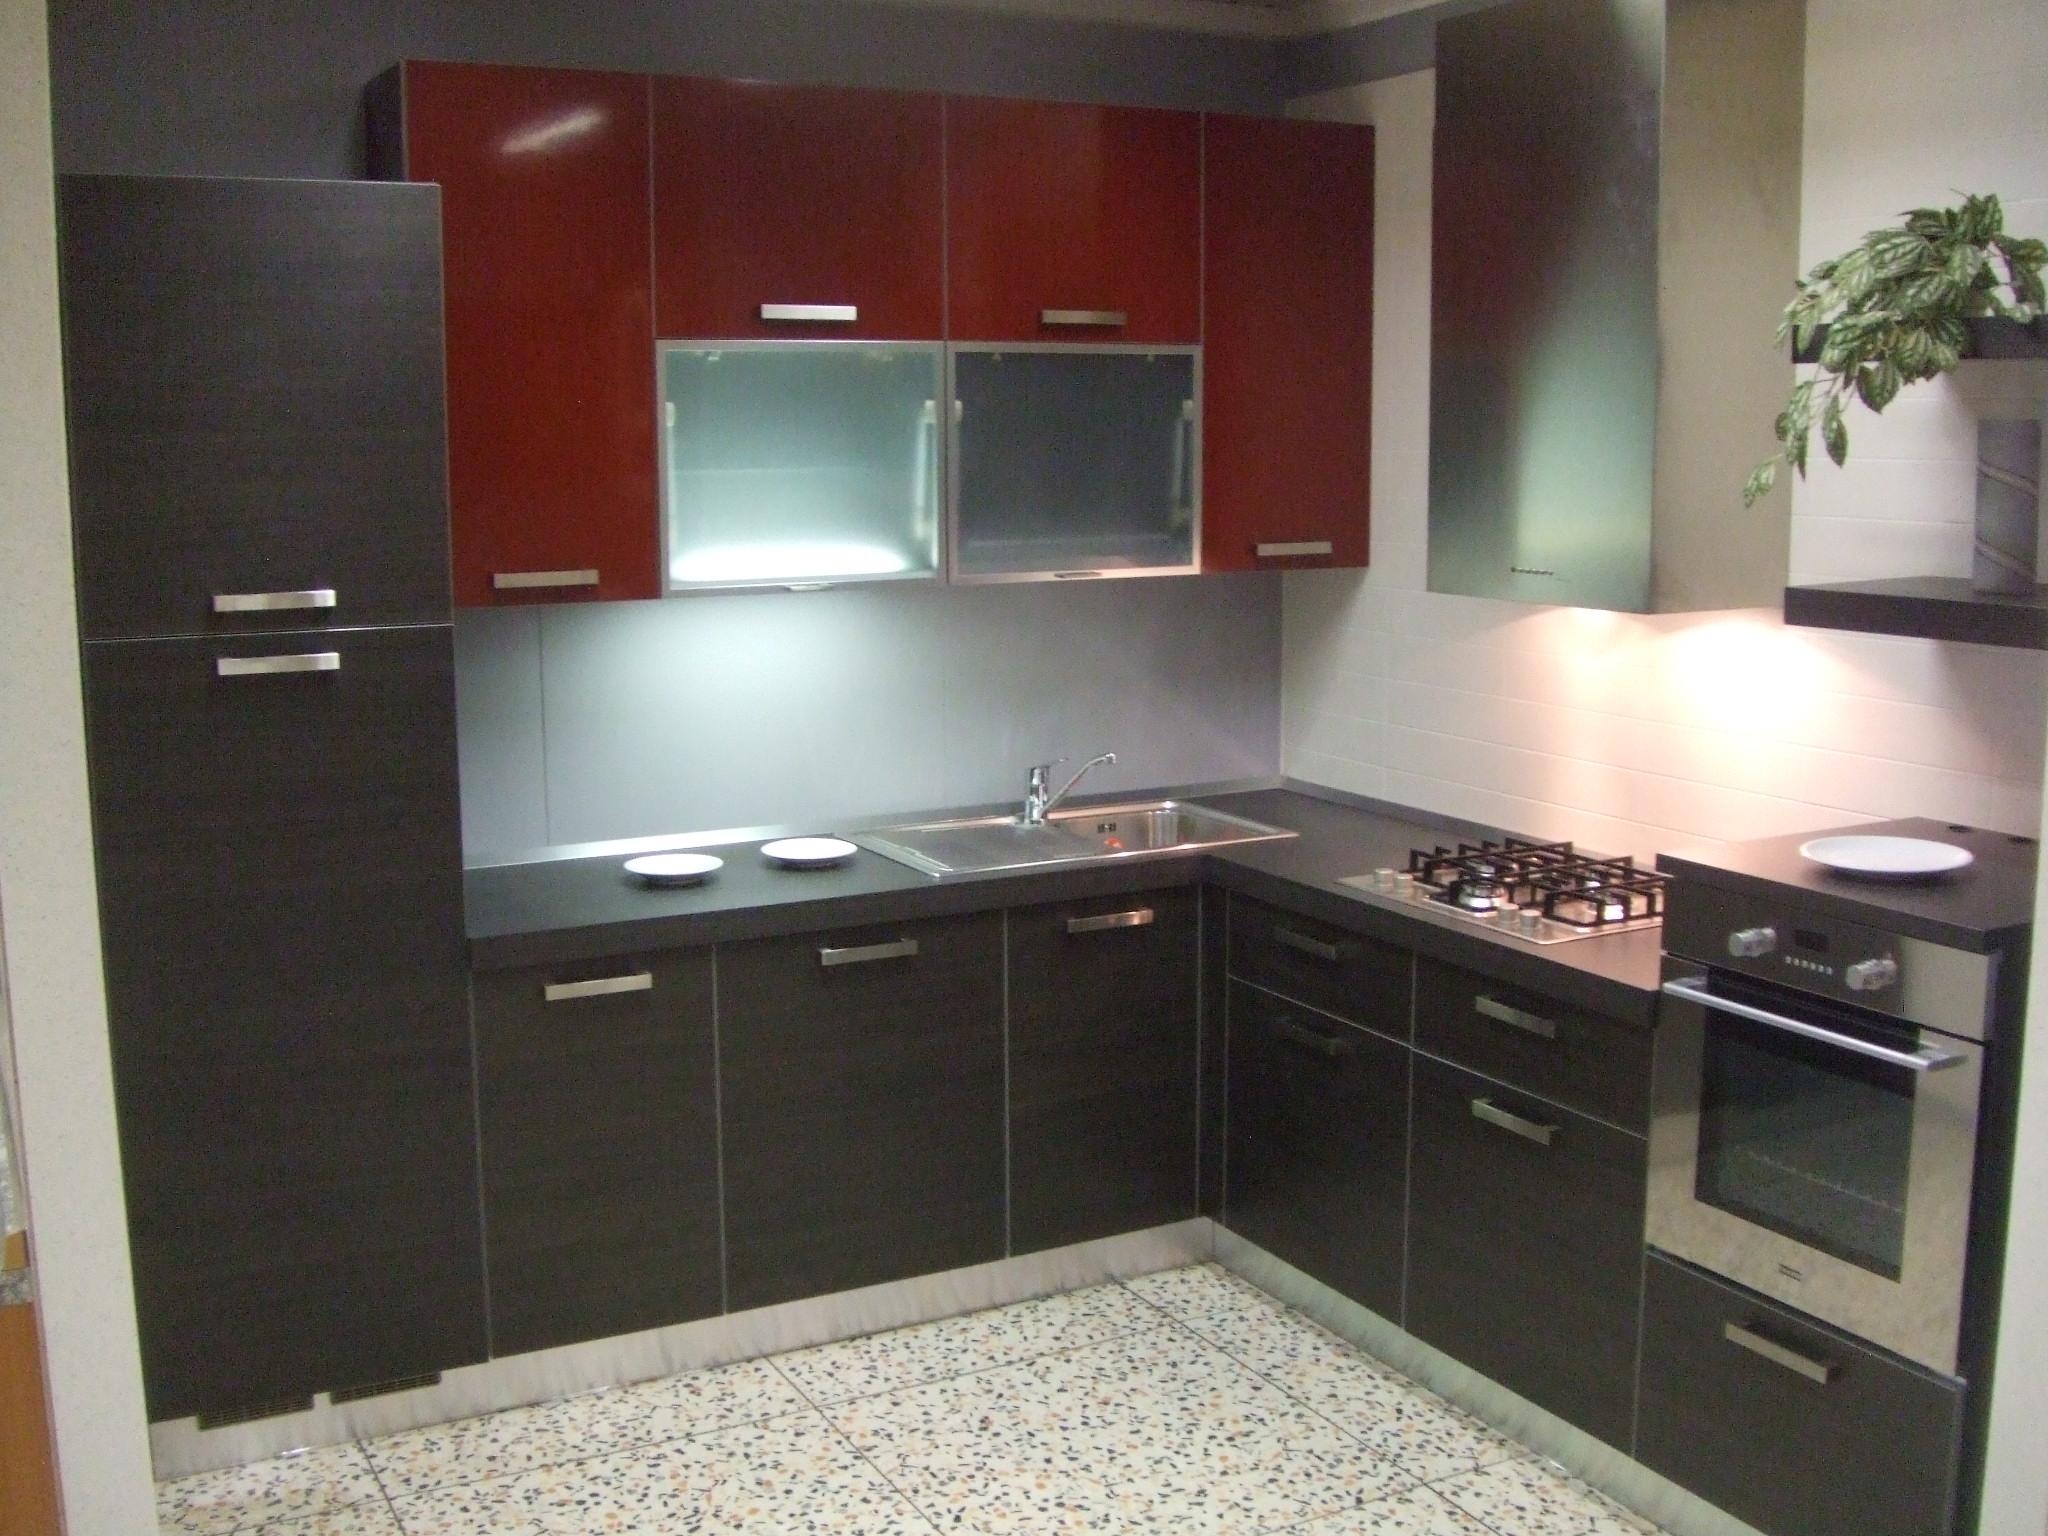 Mobilegno cucine cucina aurora cucine a prezzi scontati - Aurora cucine outlet ...